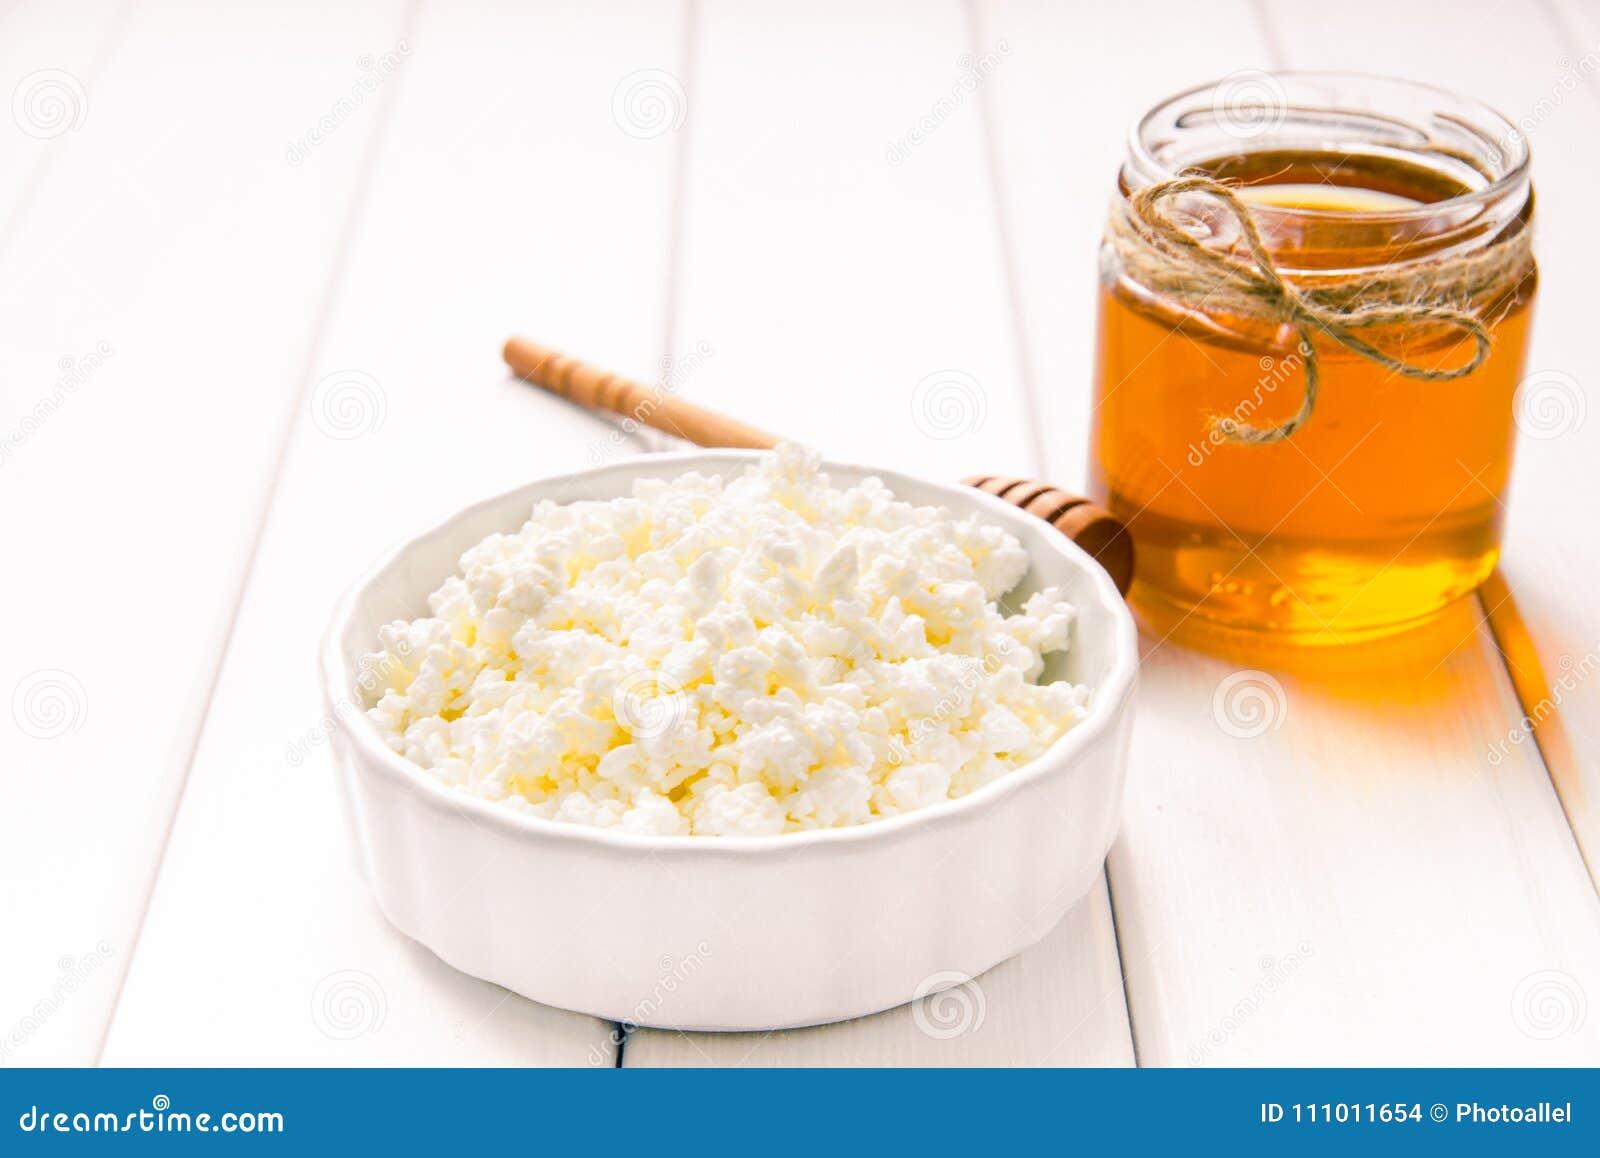 Творог молока с медом на белом деревянном столе Изображение селективного фокуса Copyspace для вашего текста